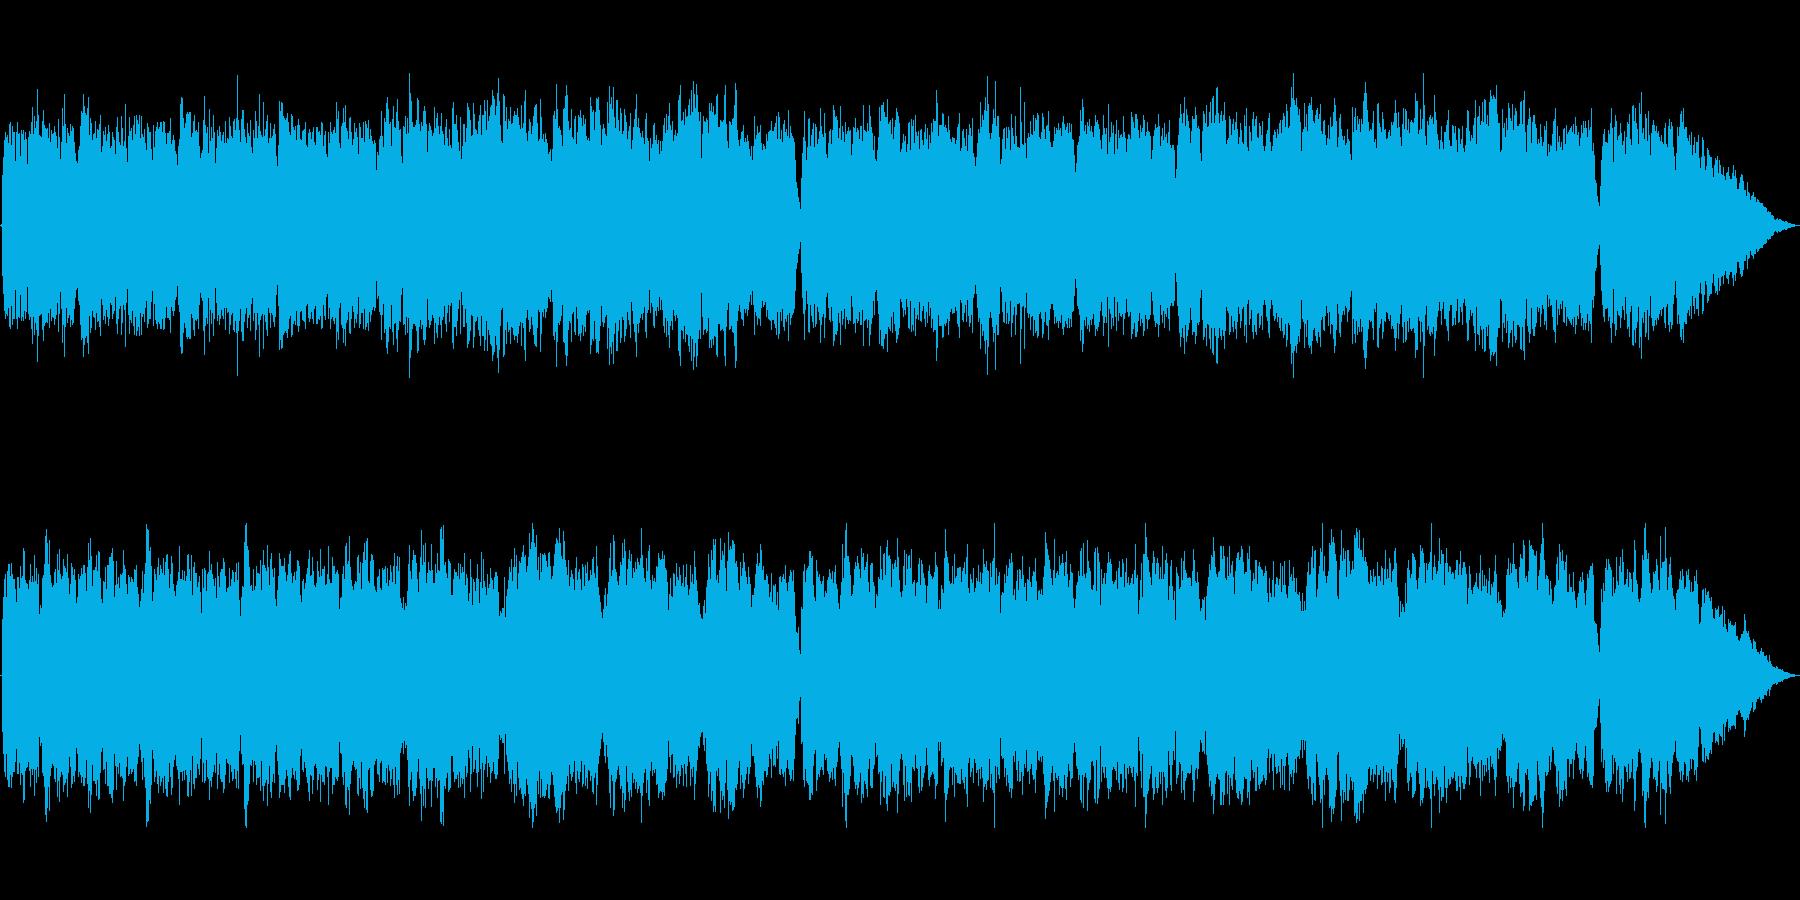 法の番人 裁定者 パイプオルガンの再生済みの波形